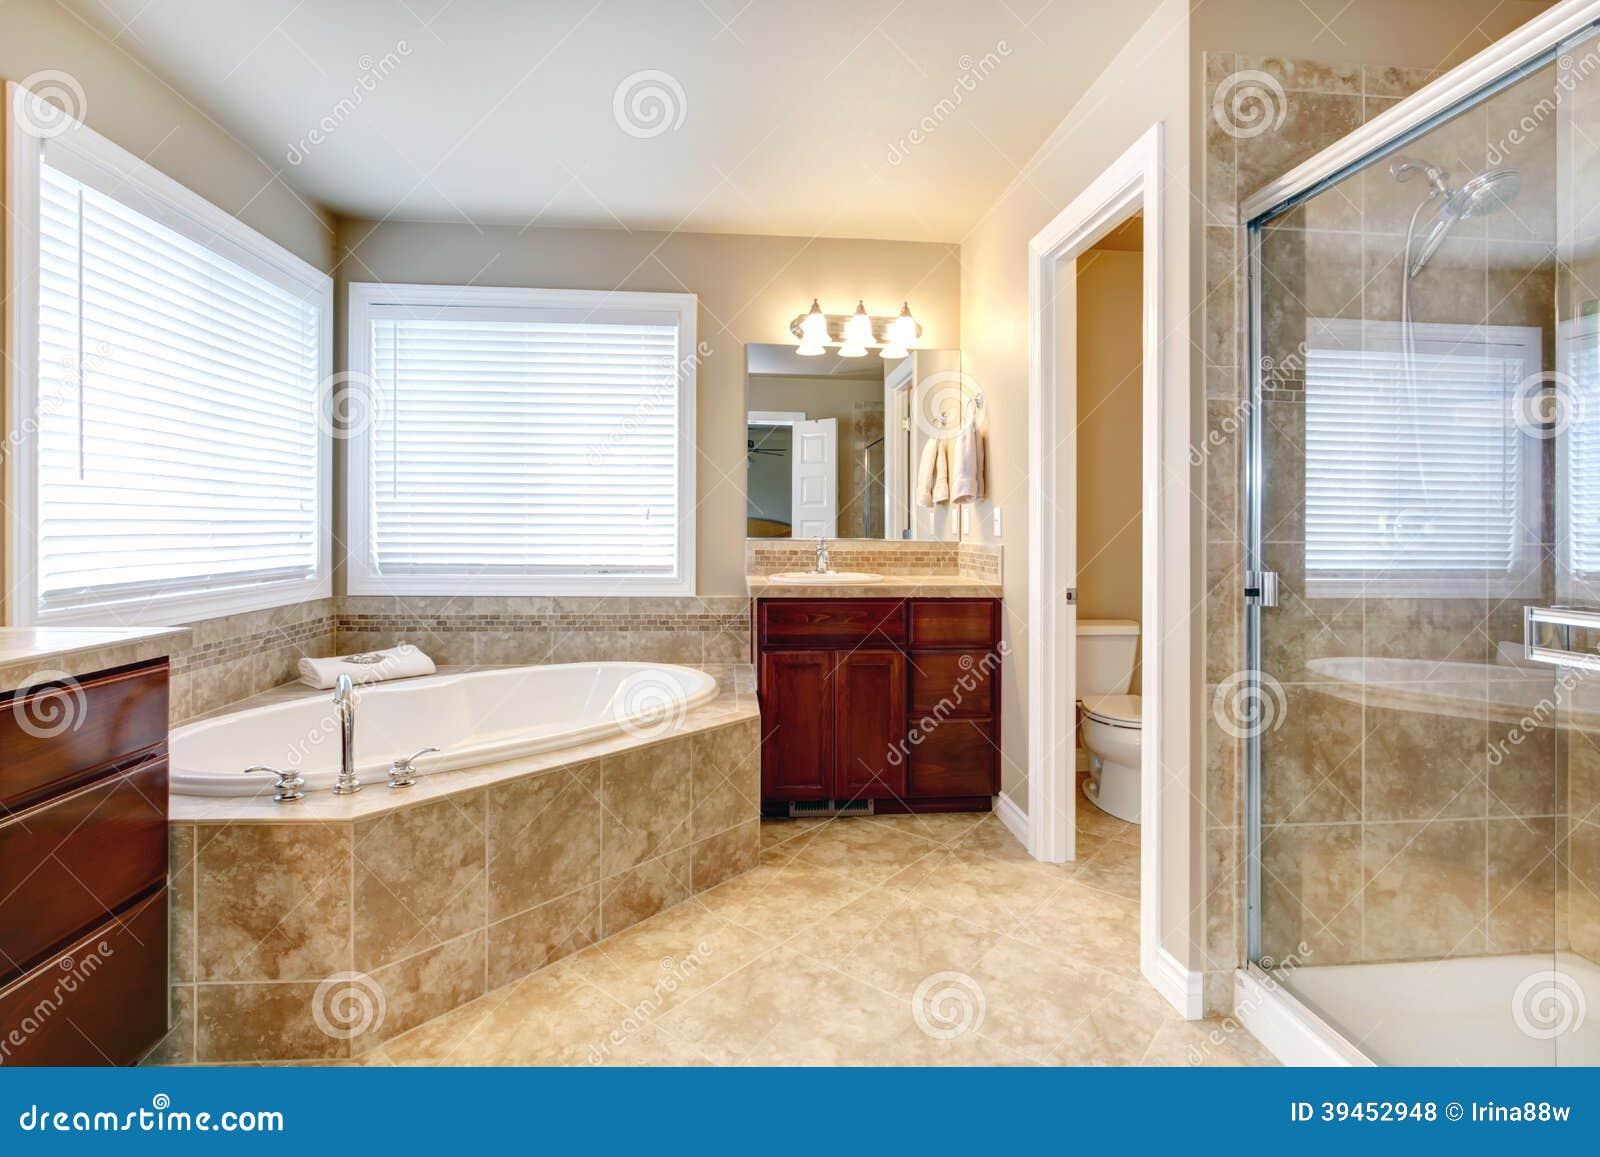 Banheiro bege com janelas os armários de madeira da cereja o  #421912 1300x957 Banheiro Com Banheira Bege